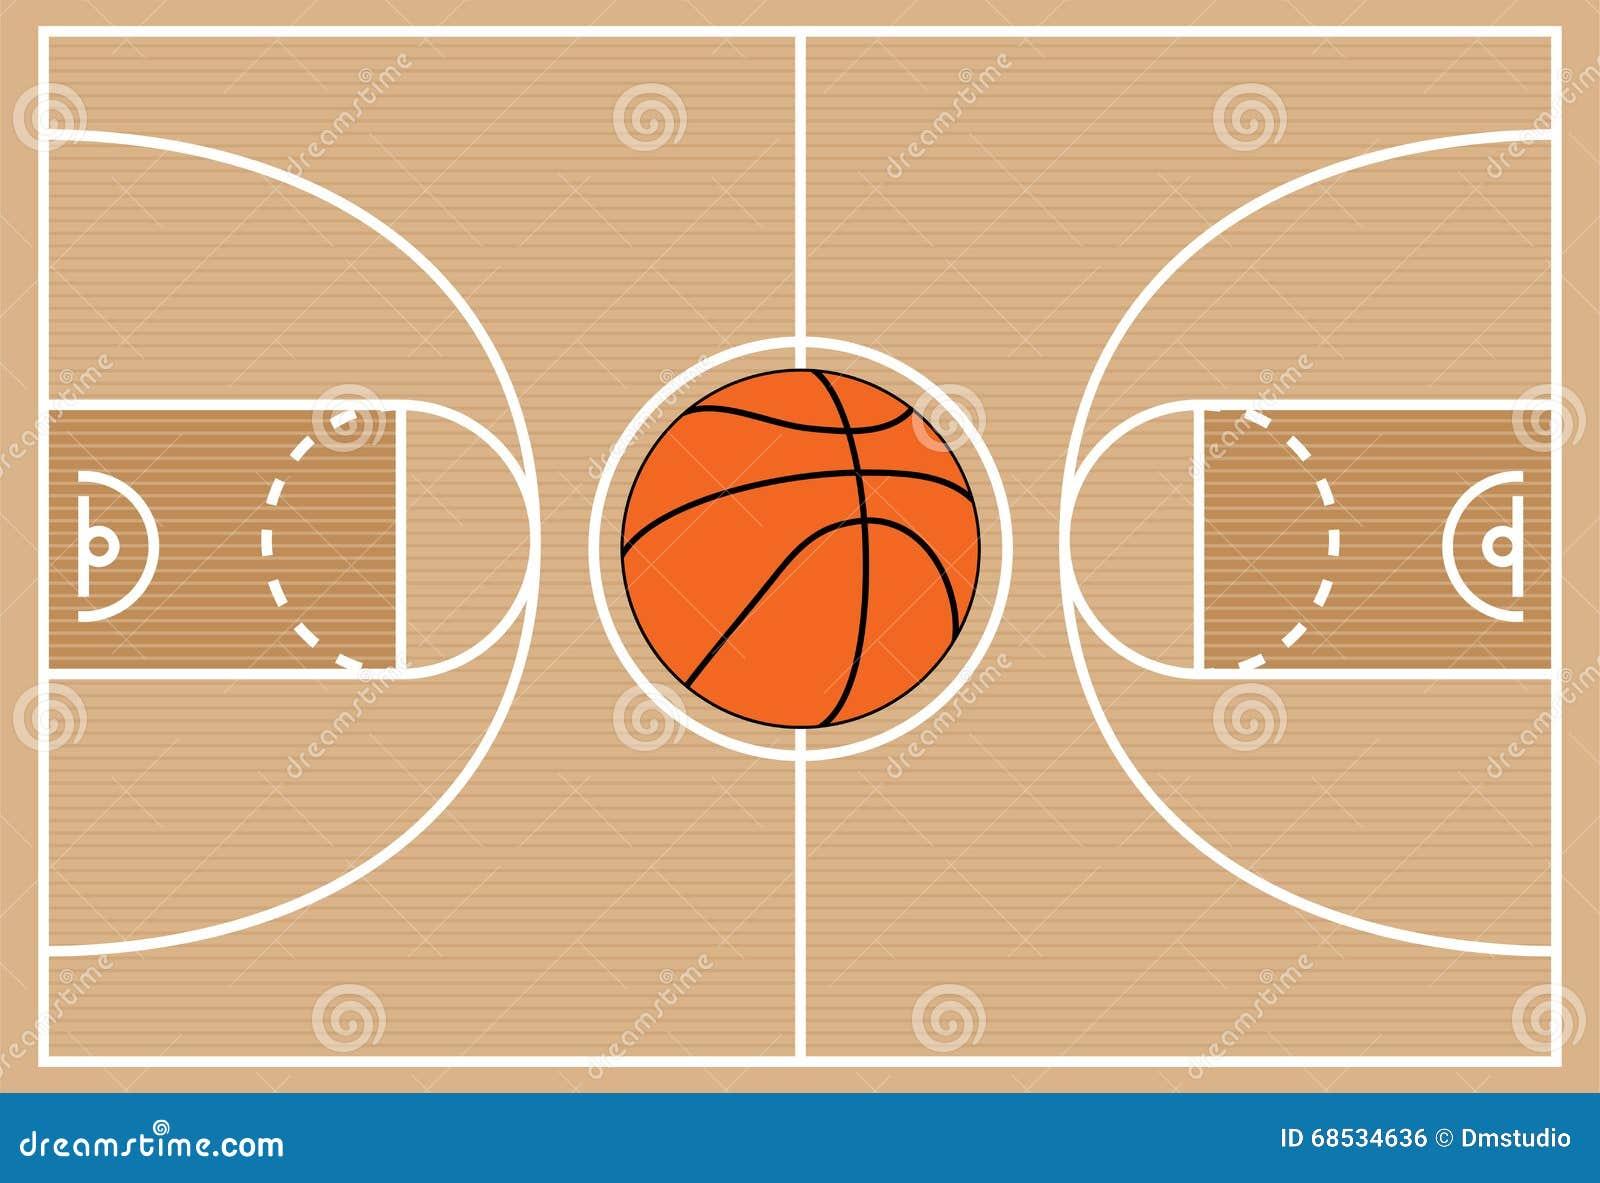 s u00edmbolo de la cancha de b u00e1squet ilustraci u00f3n del vector basketball court vero beach fl nba basketball court vector